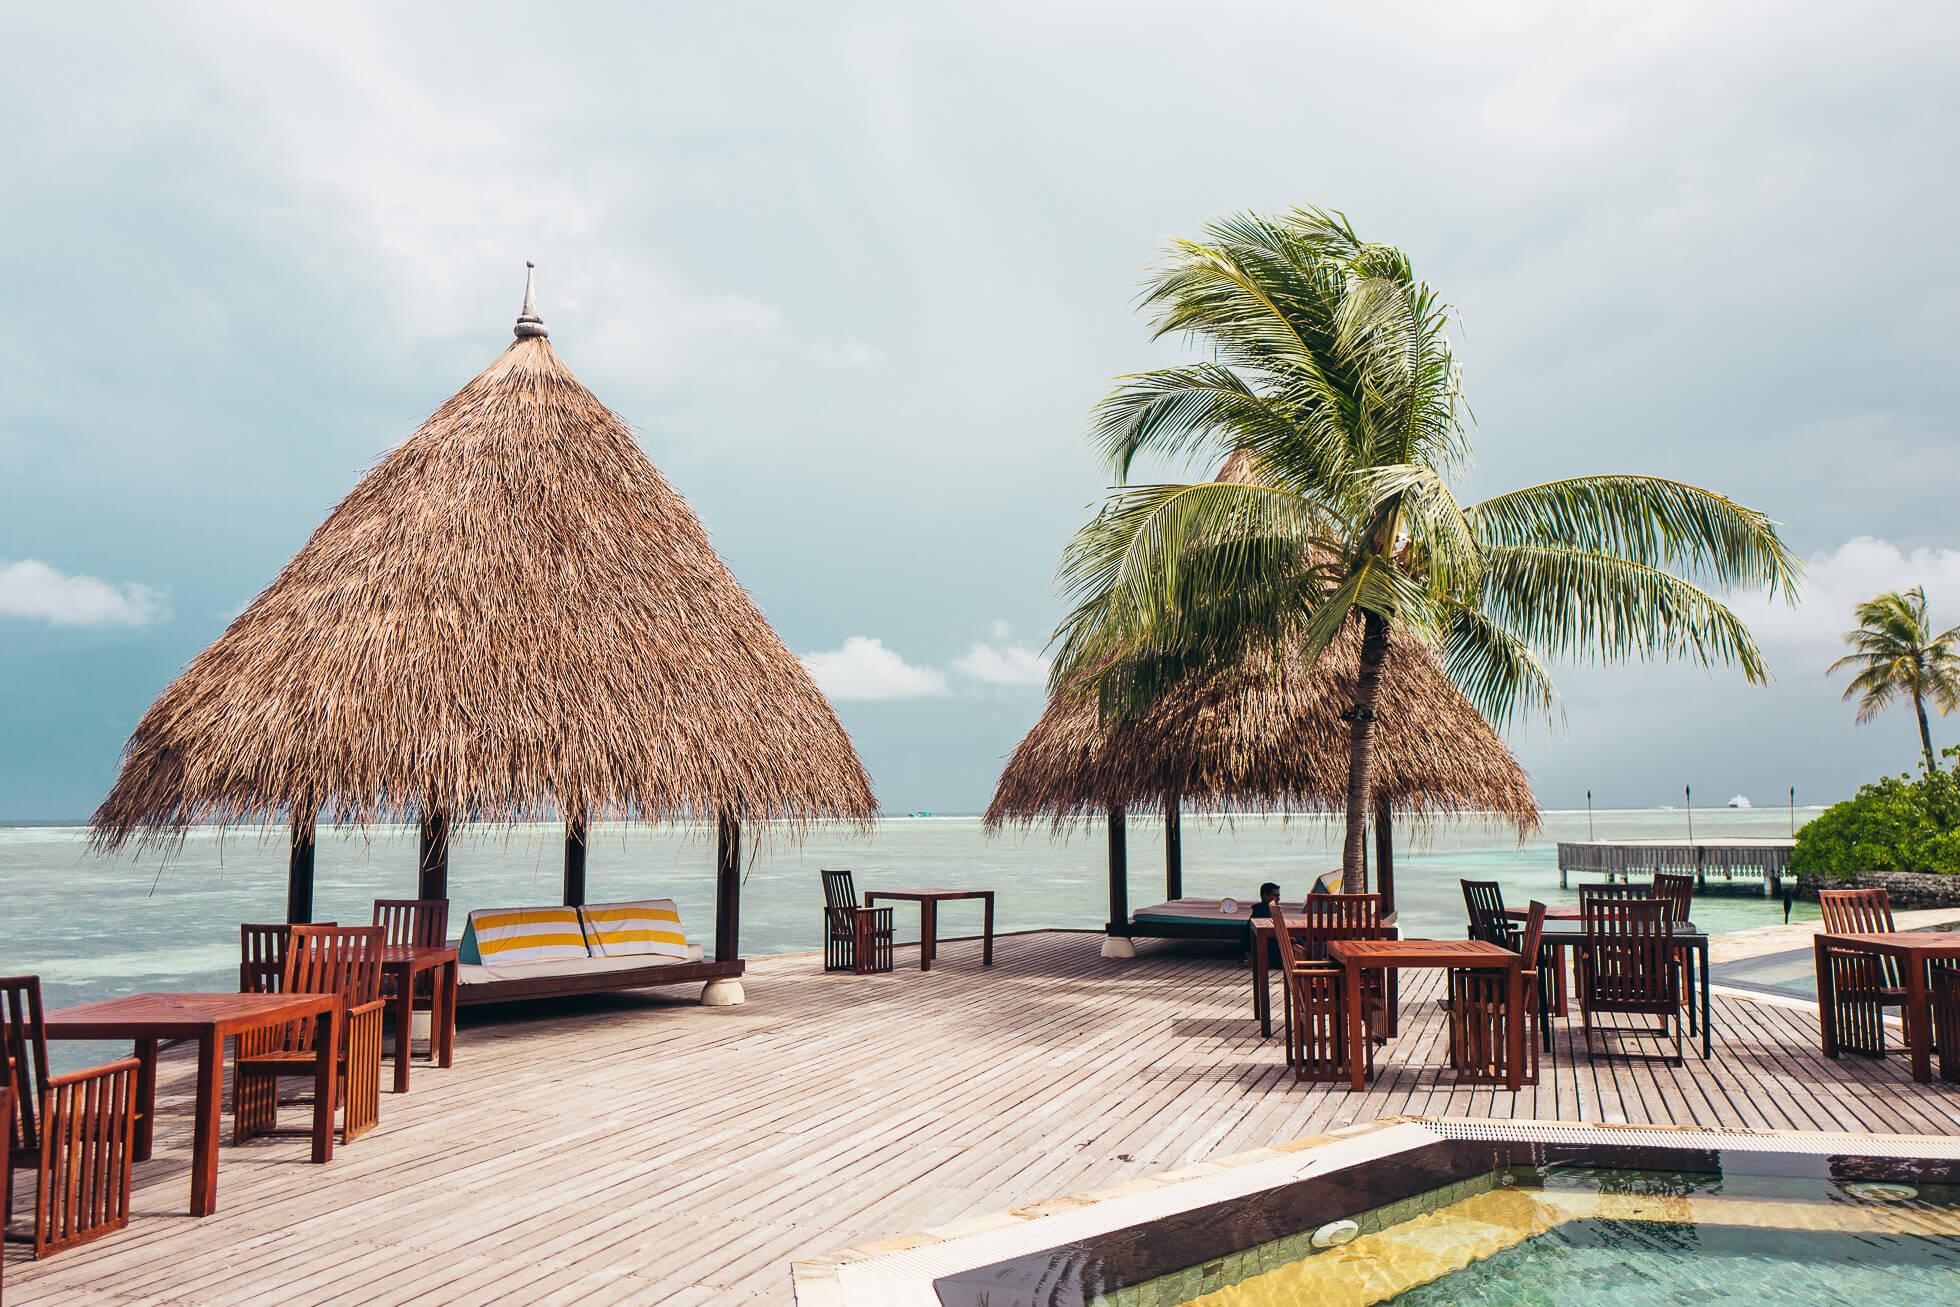 janni-deler-maldives-snapshotsl1140396